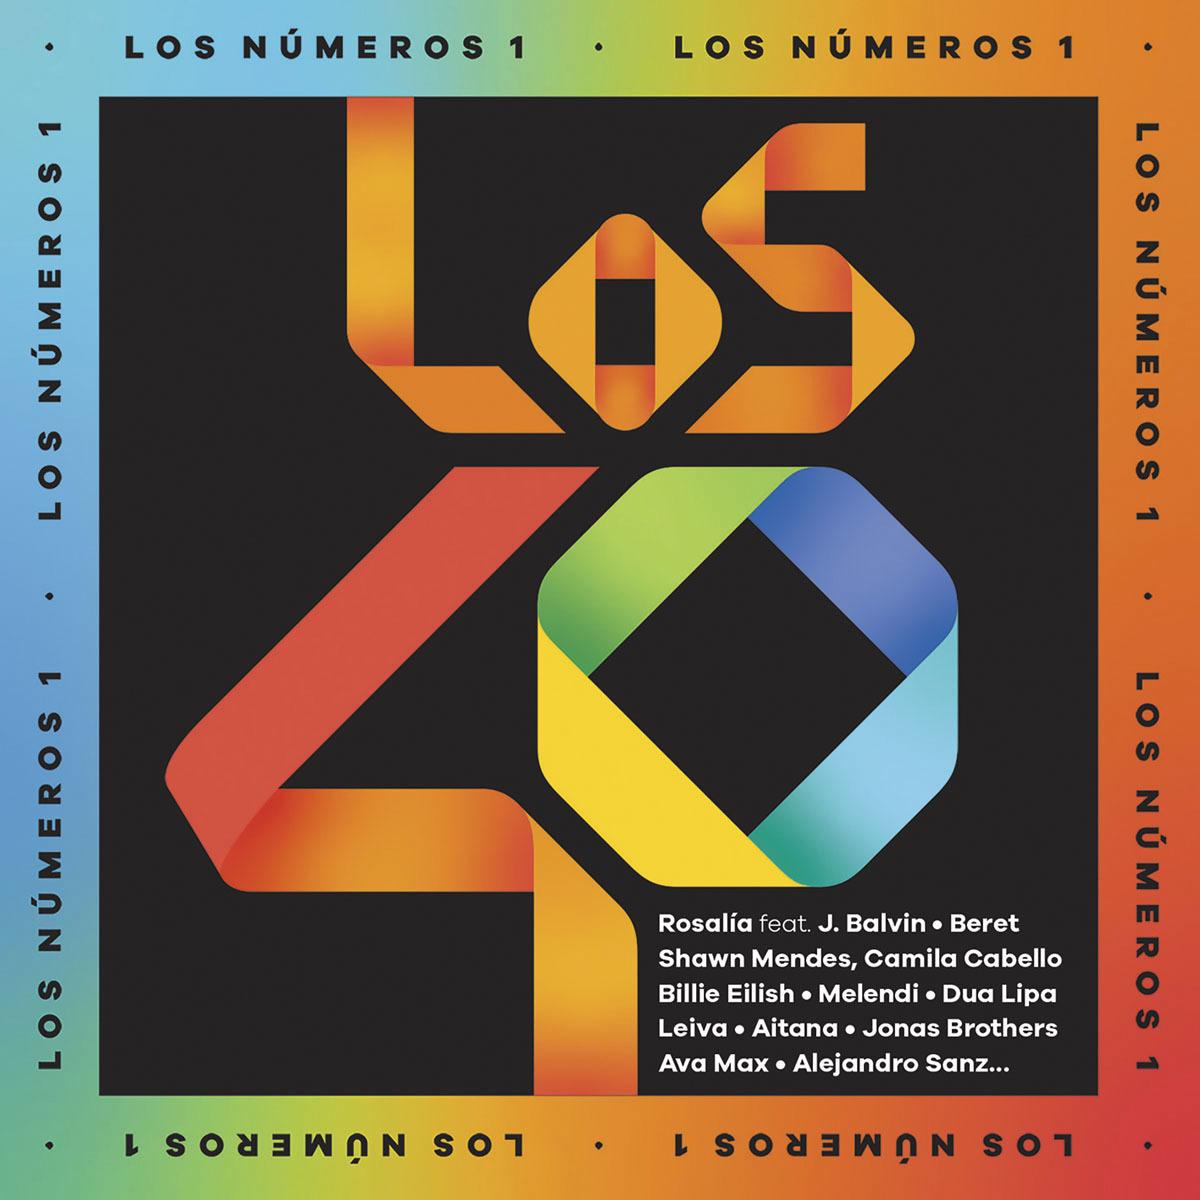 LOS NUMEROS 1 LOS 40 2019